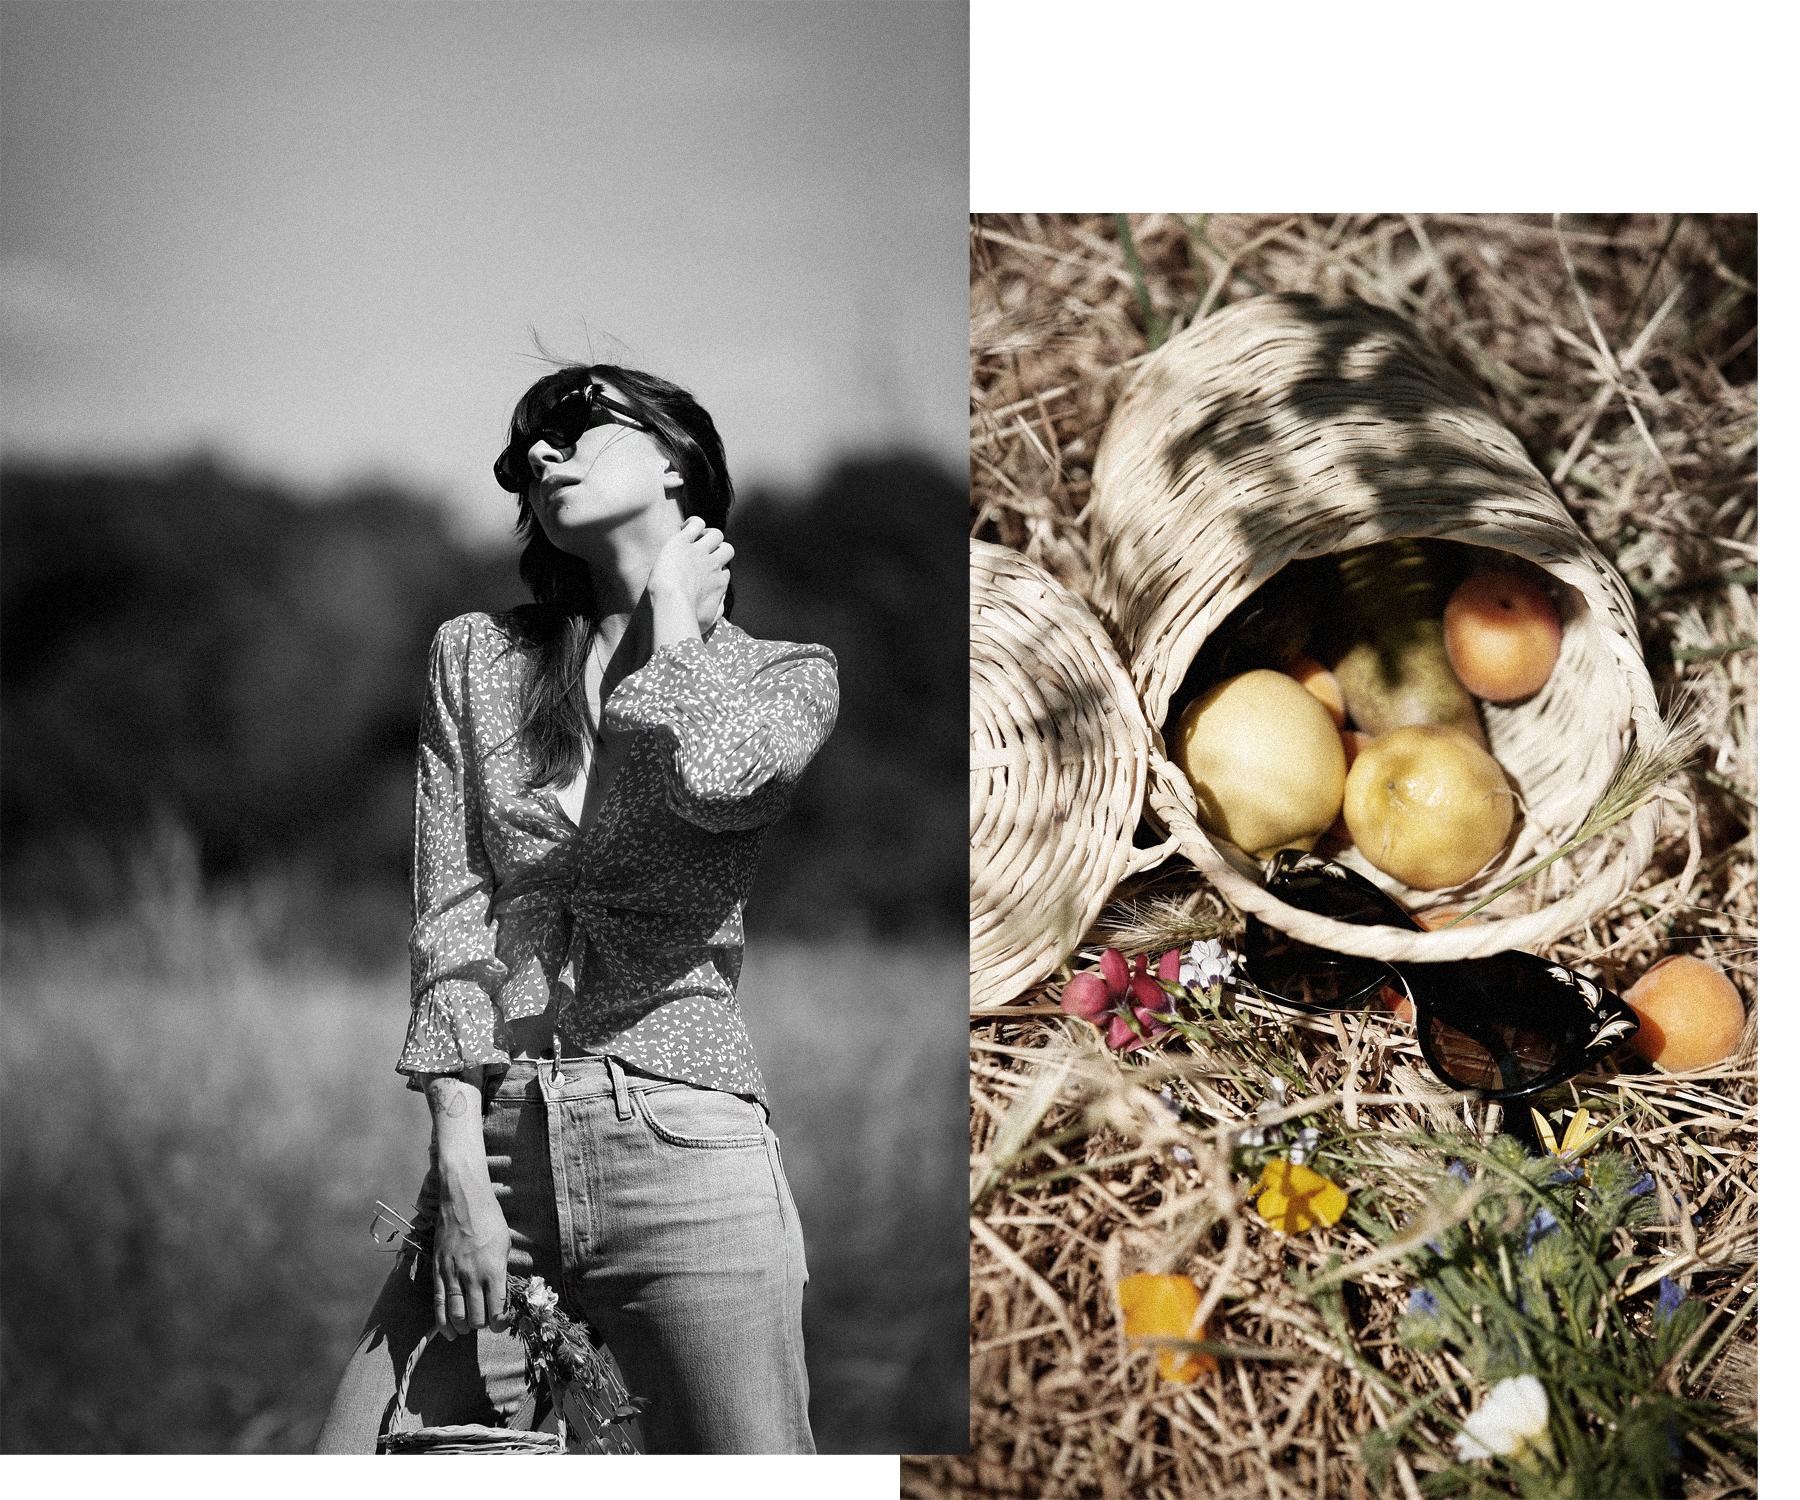 outfit rouje jeanne damas style south france cannes cote d'azur bordeaux countryside summer sunshine realisation par blouse style blogger parisienne francaise bangs brunette cats & dogs modeblog fashionblogger düsseldorf ricarda schernus jane birkin 6